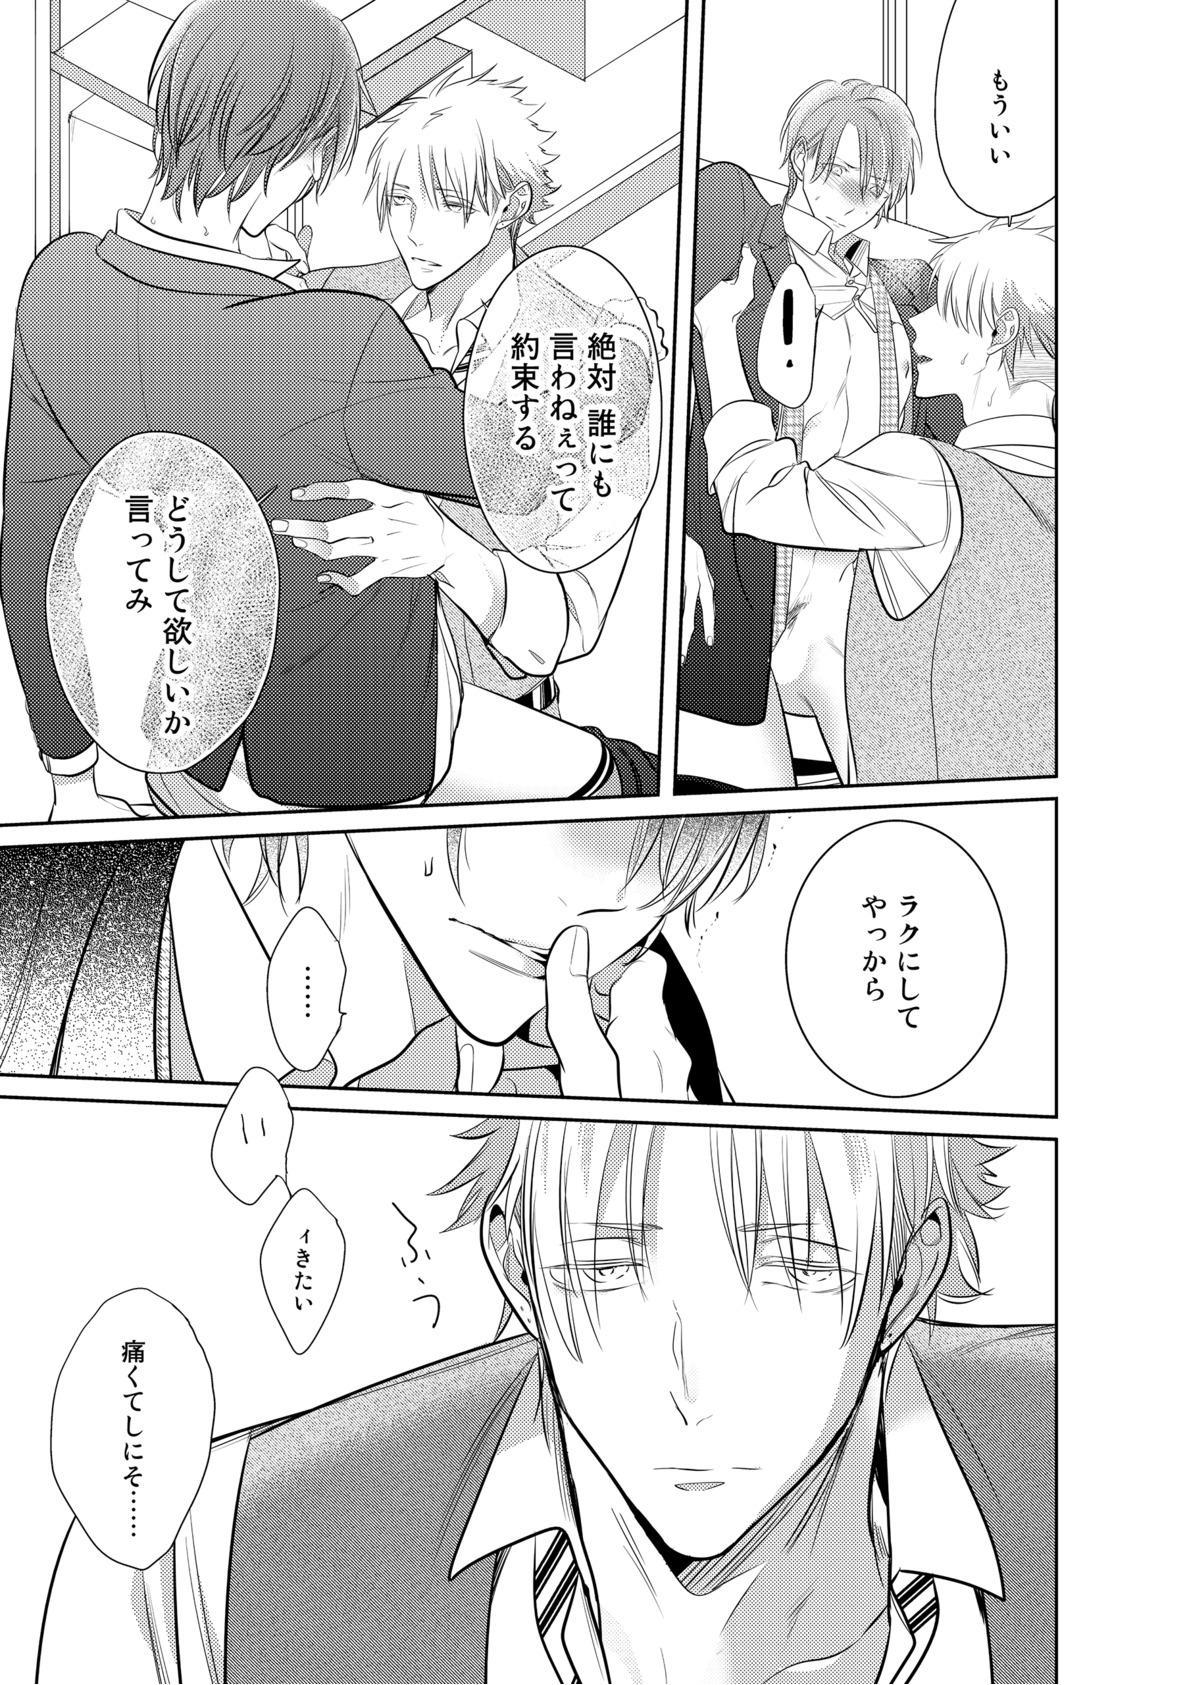 Kurui Naku no wa Boku no Ban ~ vol.2 36